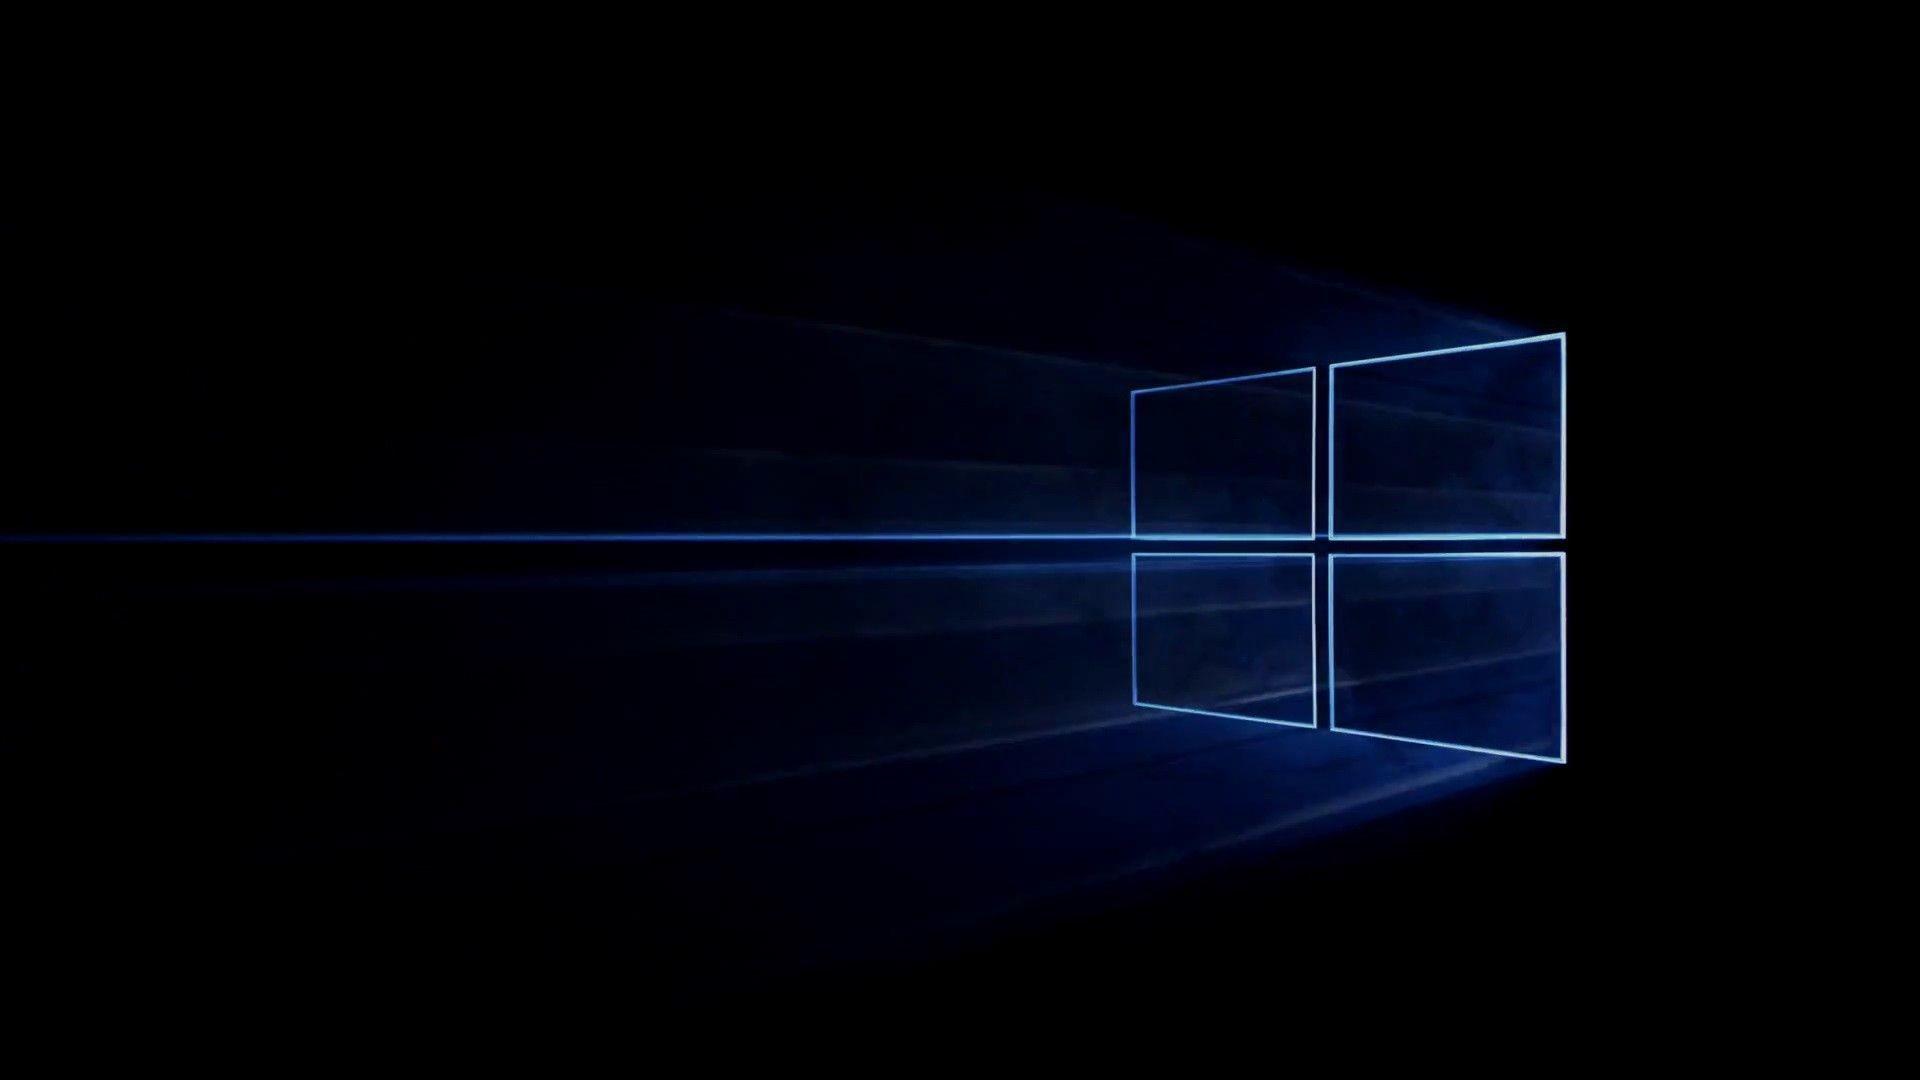 Windows 10 running on 200 million devices